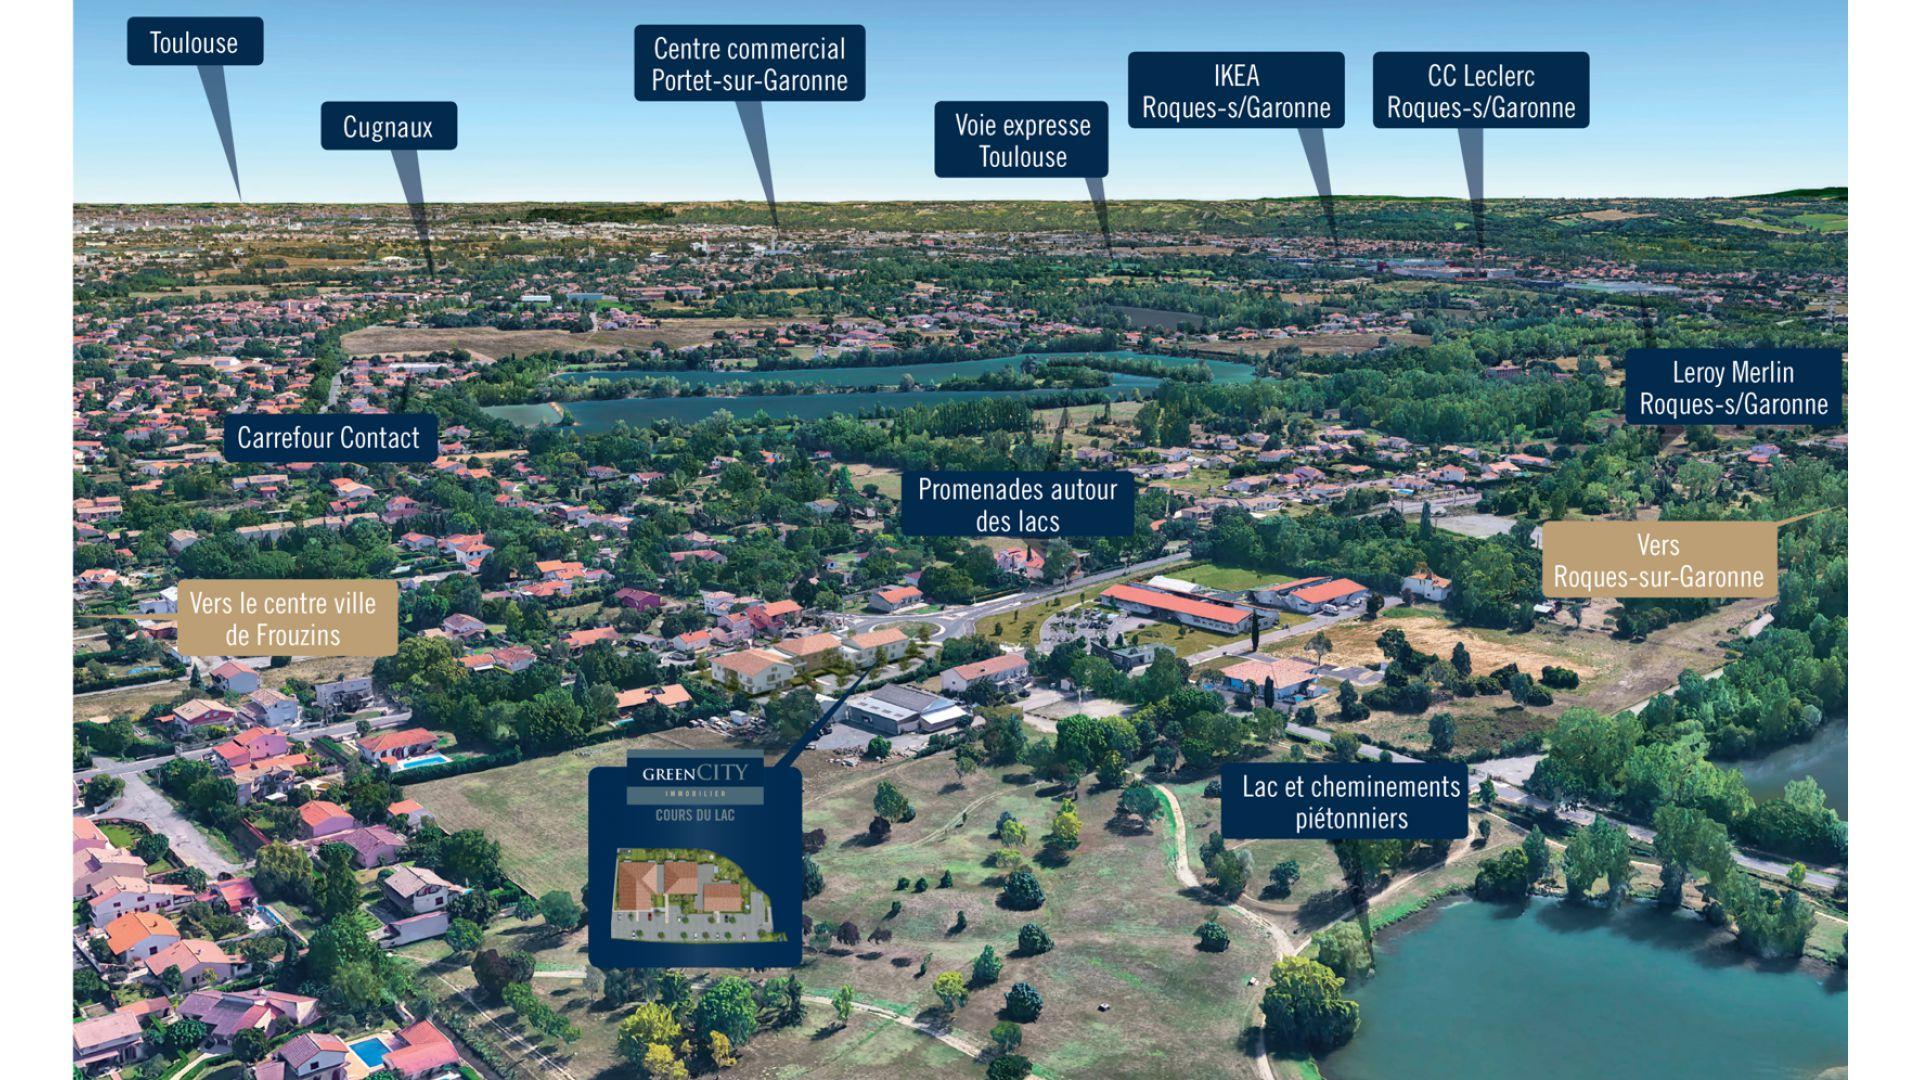 GreenCity immobilier - Frouzins - Résidence Cours du Lac - 31270 - appartements neufs du T1bis au T3 - vue paysagere